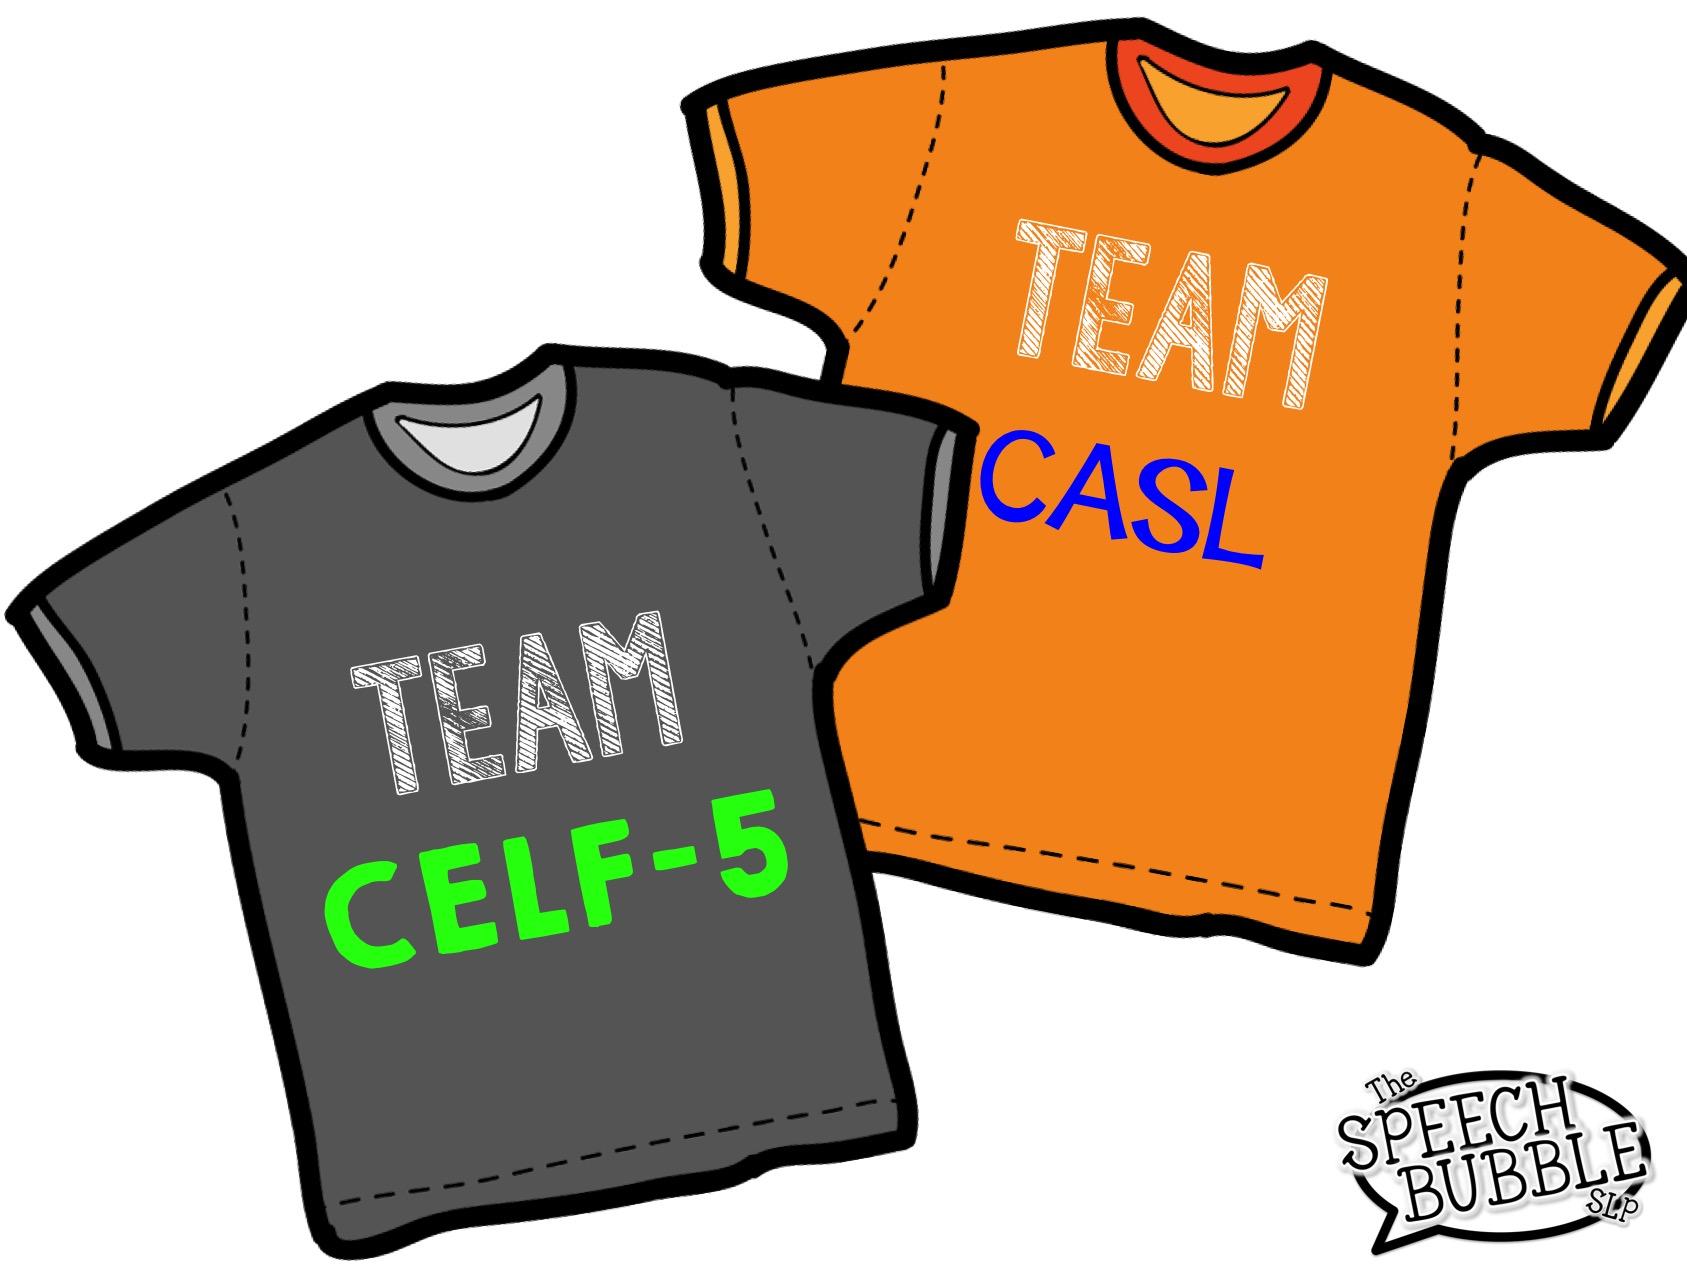 The CELF-5 vs CASL - The Speech Bubble